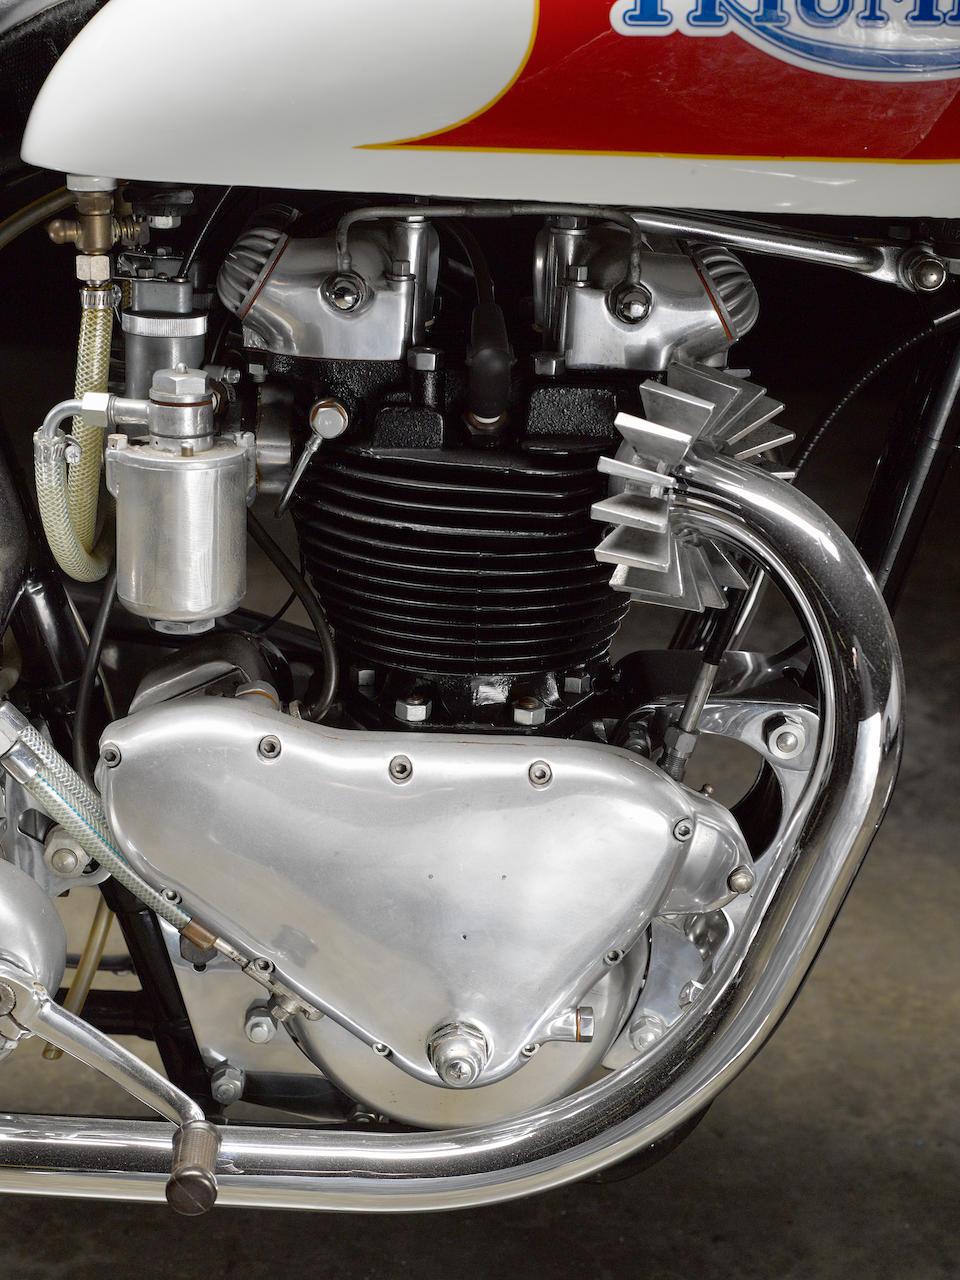 1951 Triumph 649cc 6T Bonneville Salt Flats Racing Motorcycle Frame no. 6268N Engine no. 6T-8602NA